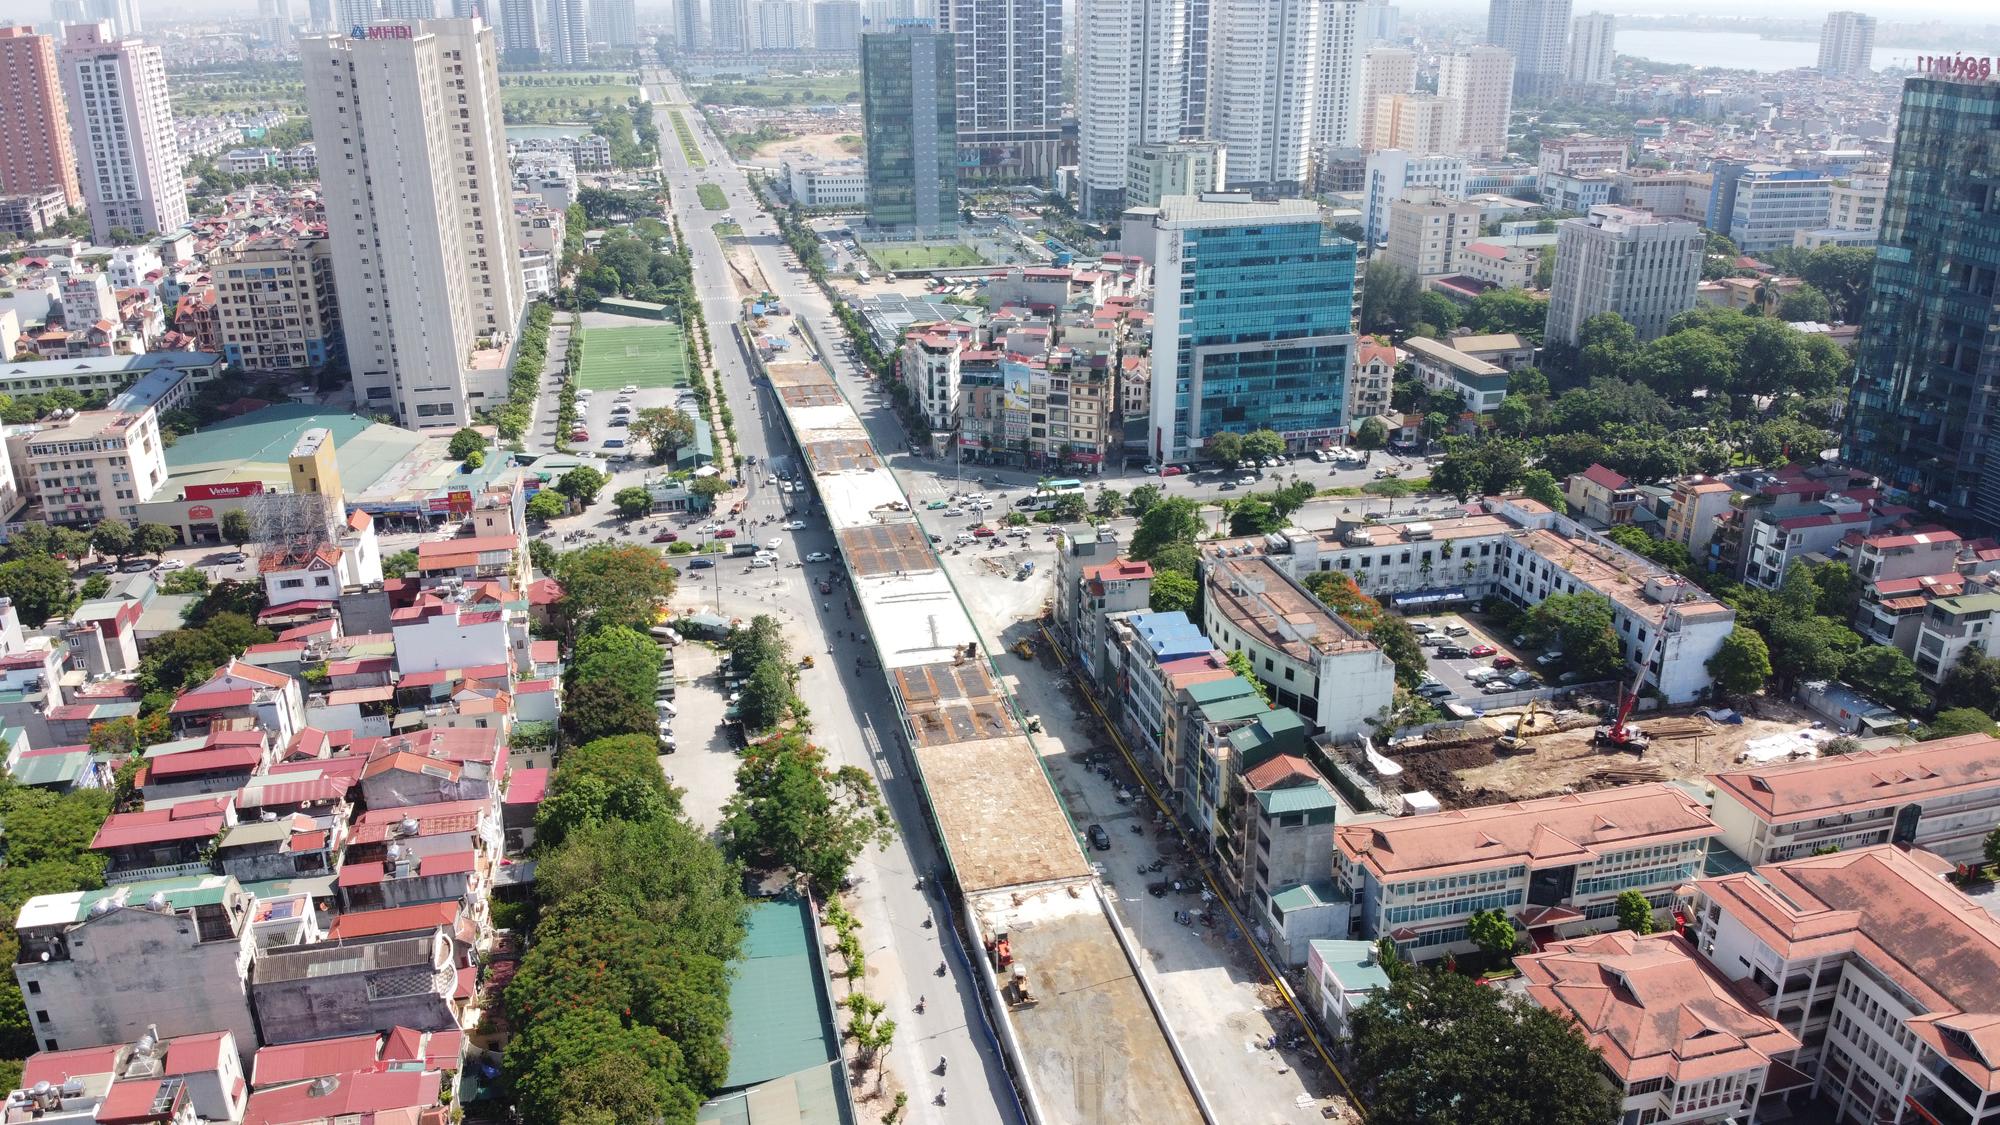 Cầu vượt nút giao Hoàng Quốc Việt - Nguyễn Văn Huyên sắp thông xe, ba quận hưởng lợi - Ảnh 5.